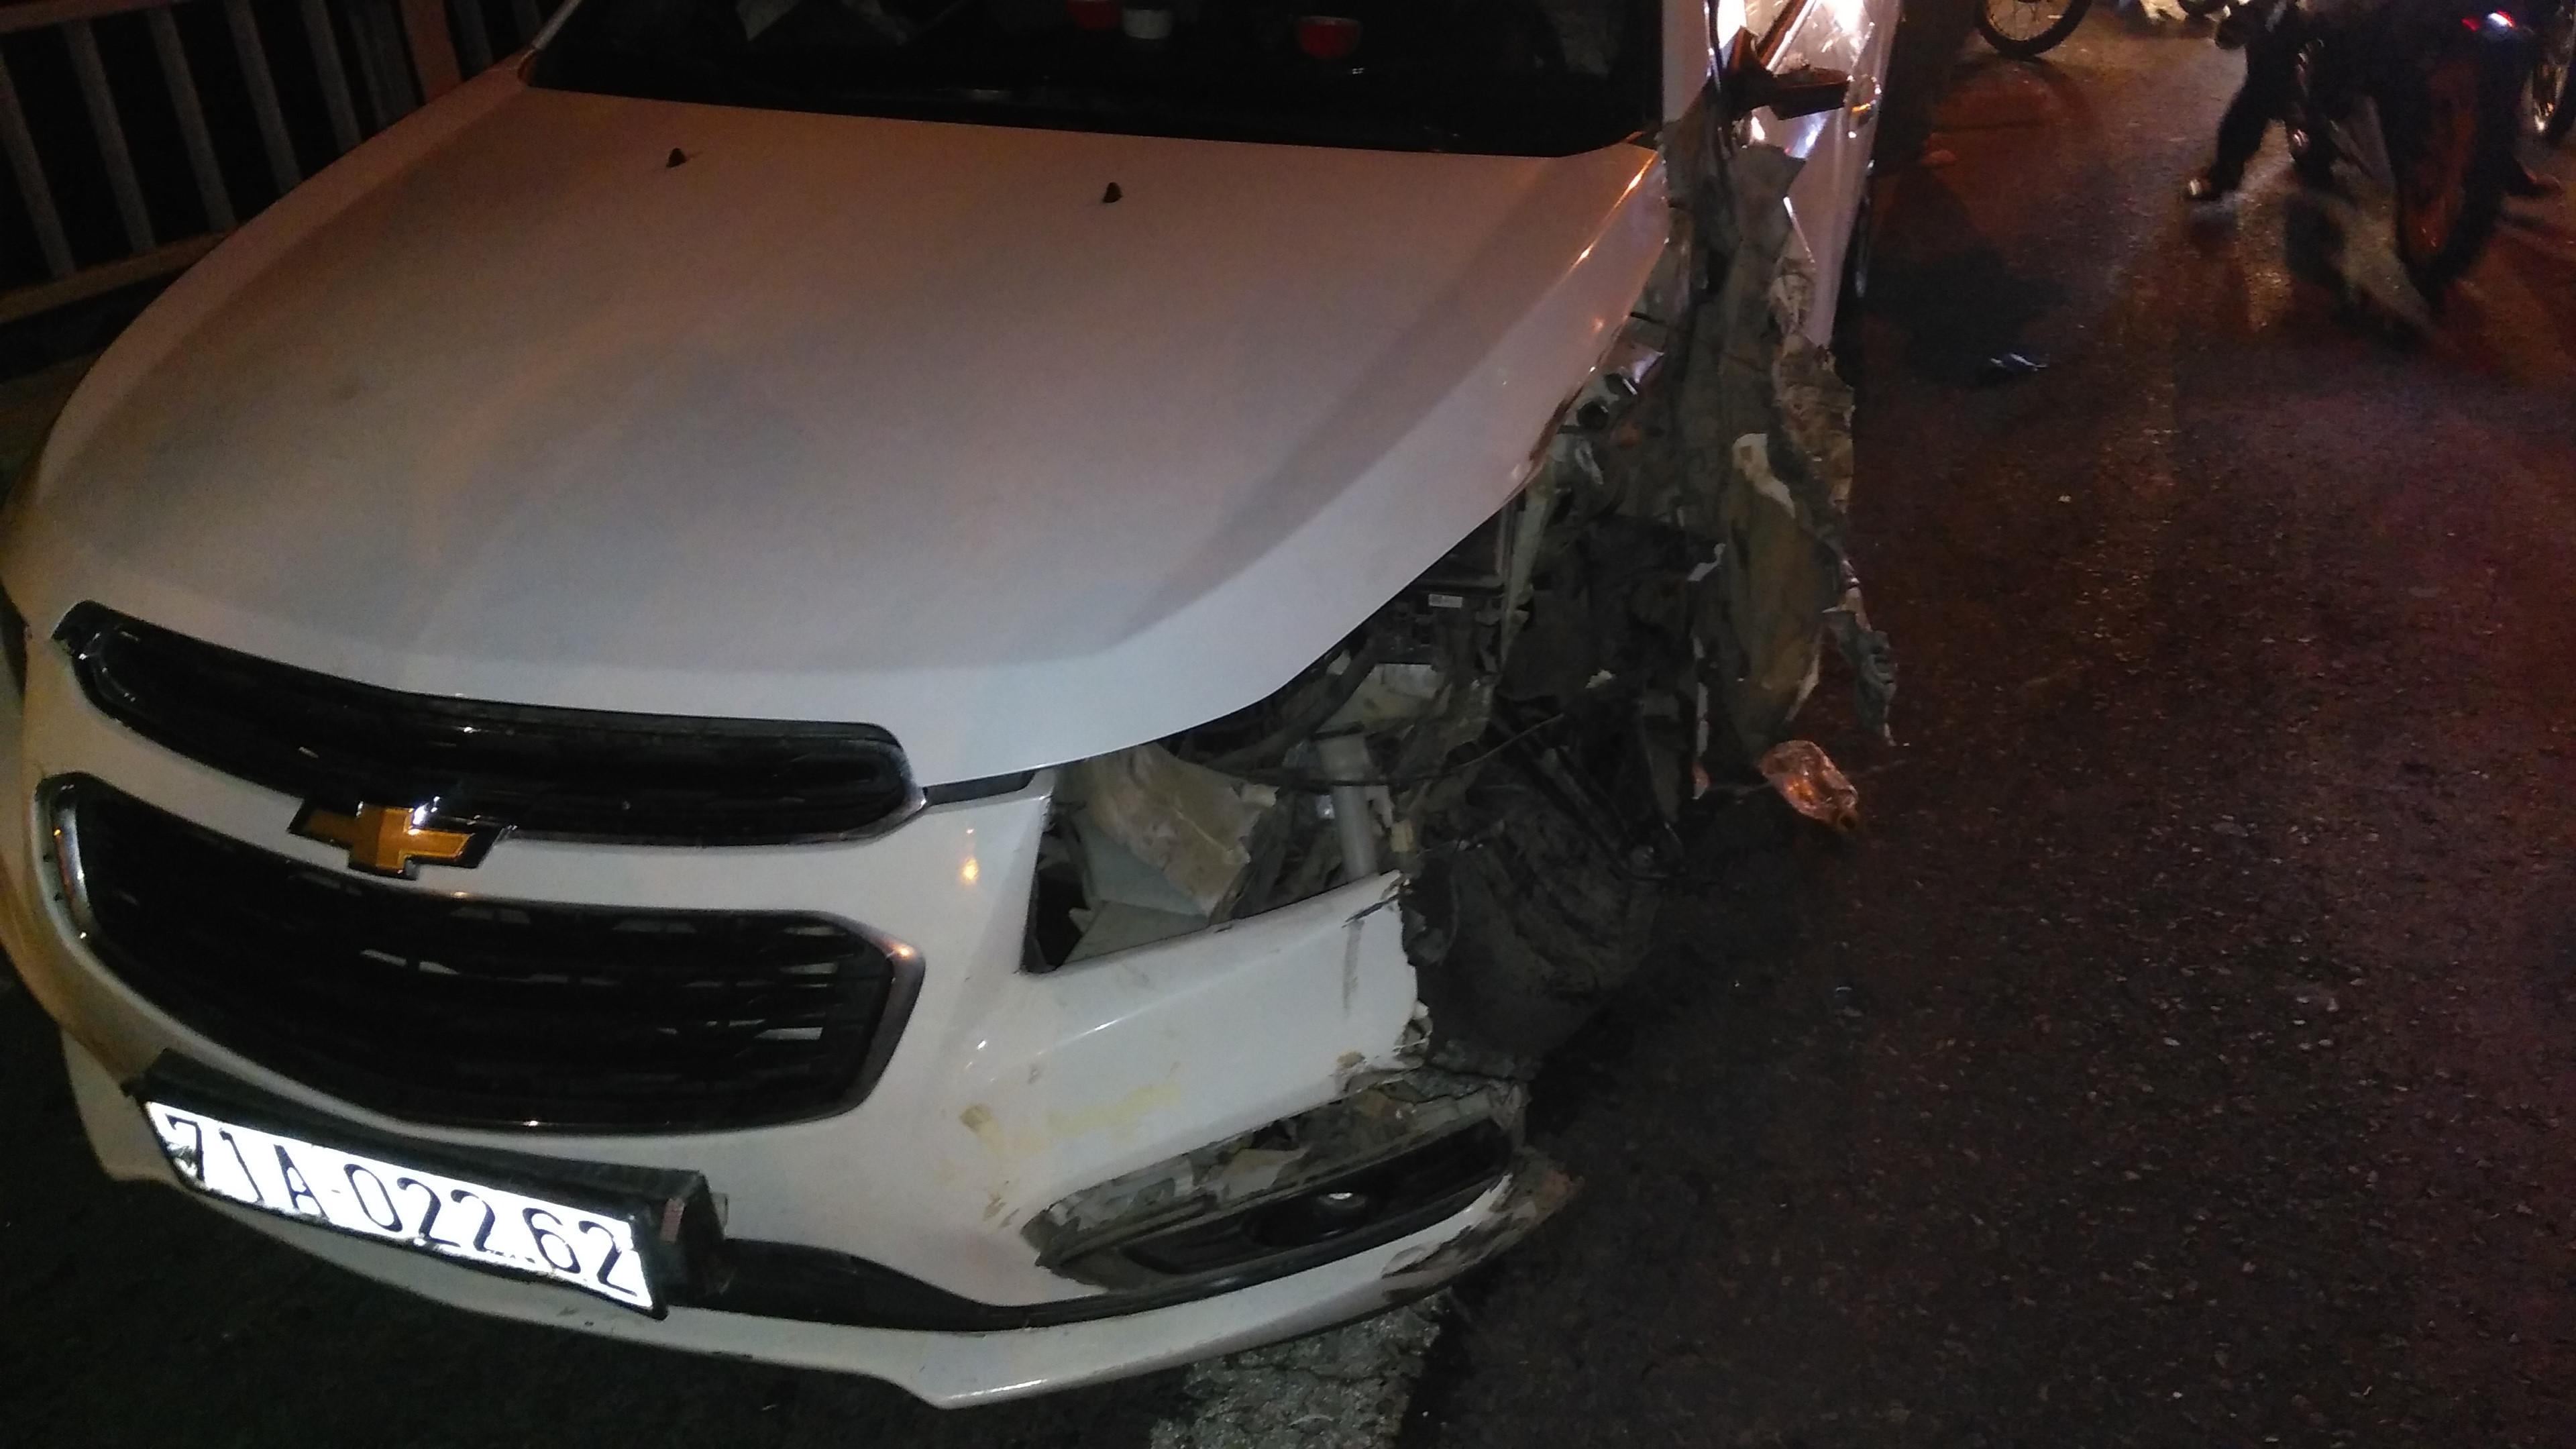 Ô tô Chevrolet tông xe tải trên cầu Rạch Miễu, giao thông tê liệt Ảnh 1